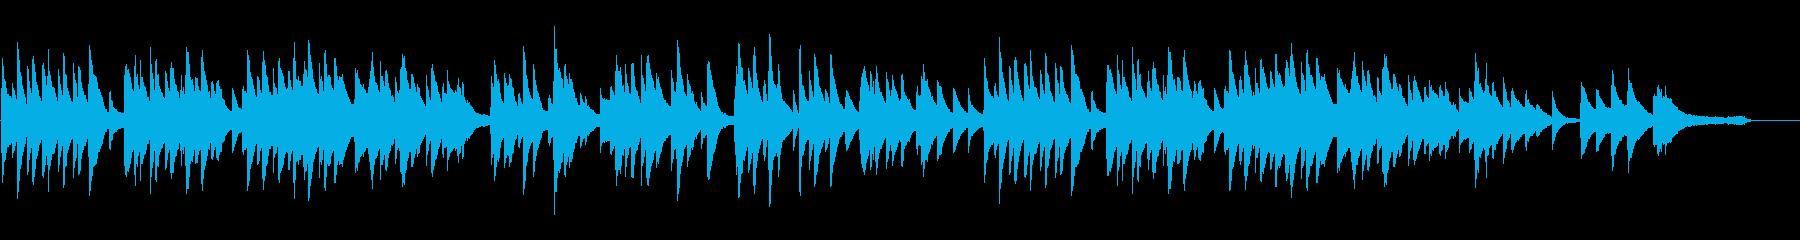 明るく寂しい穏やかなピアノジングルの再生済みの波形